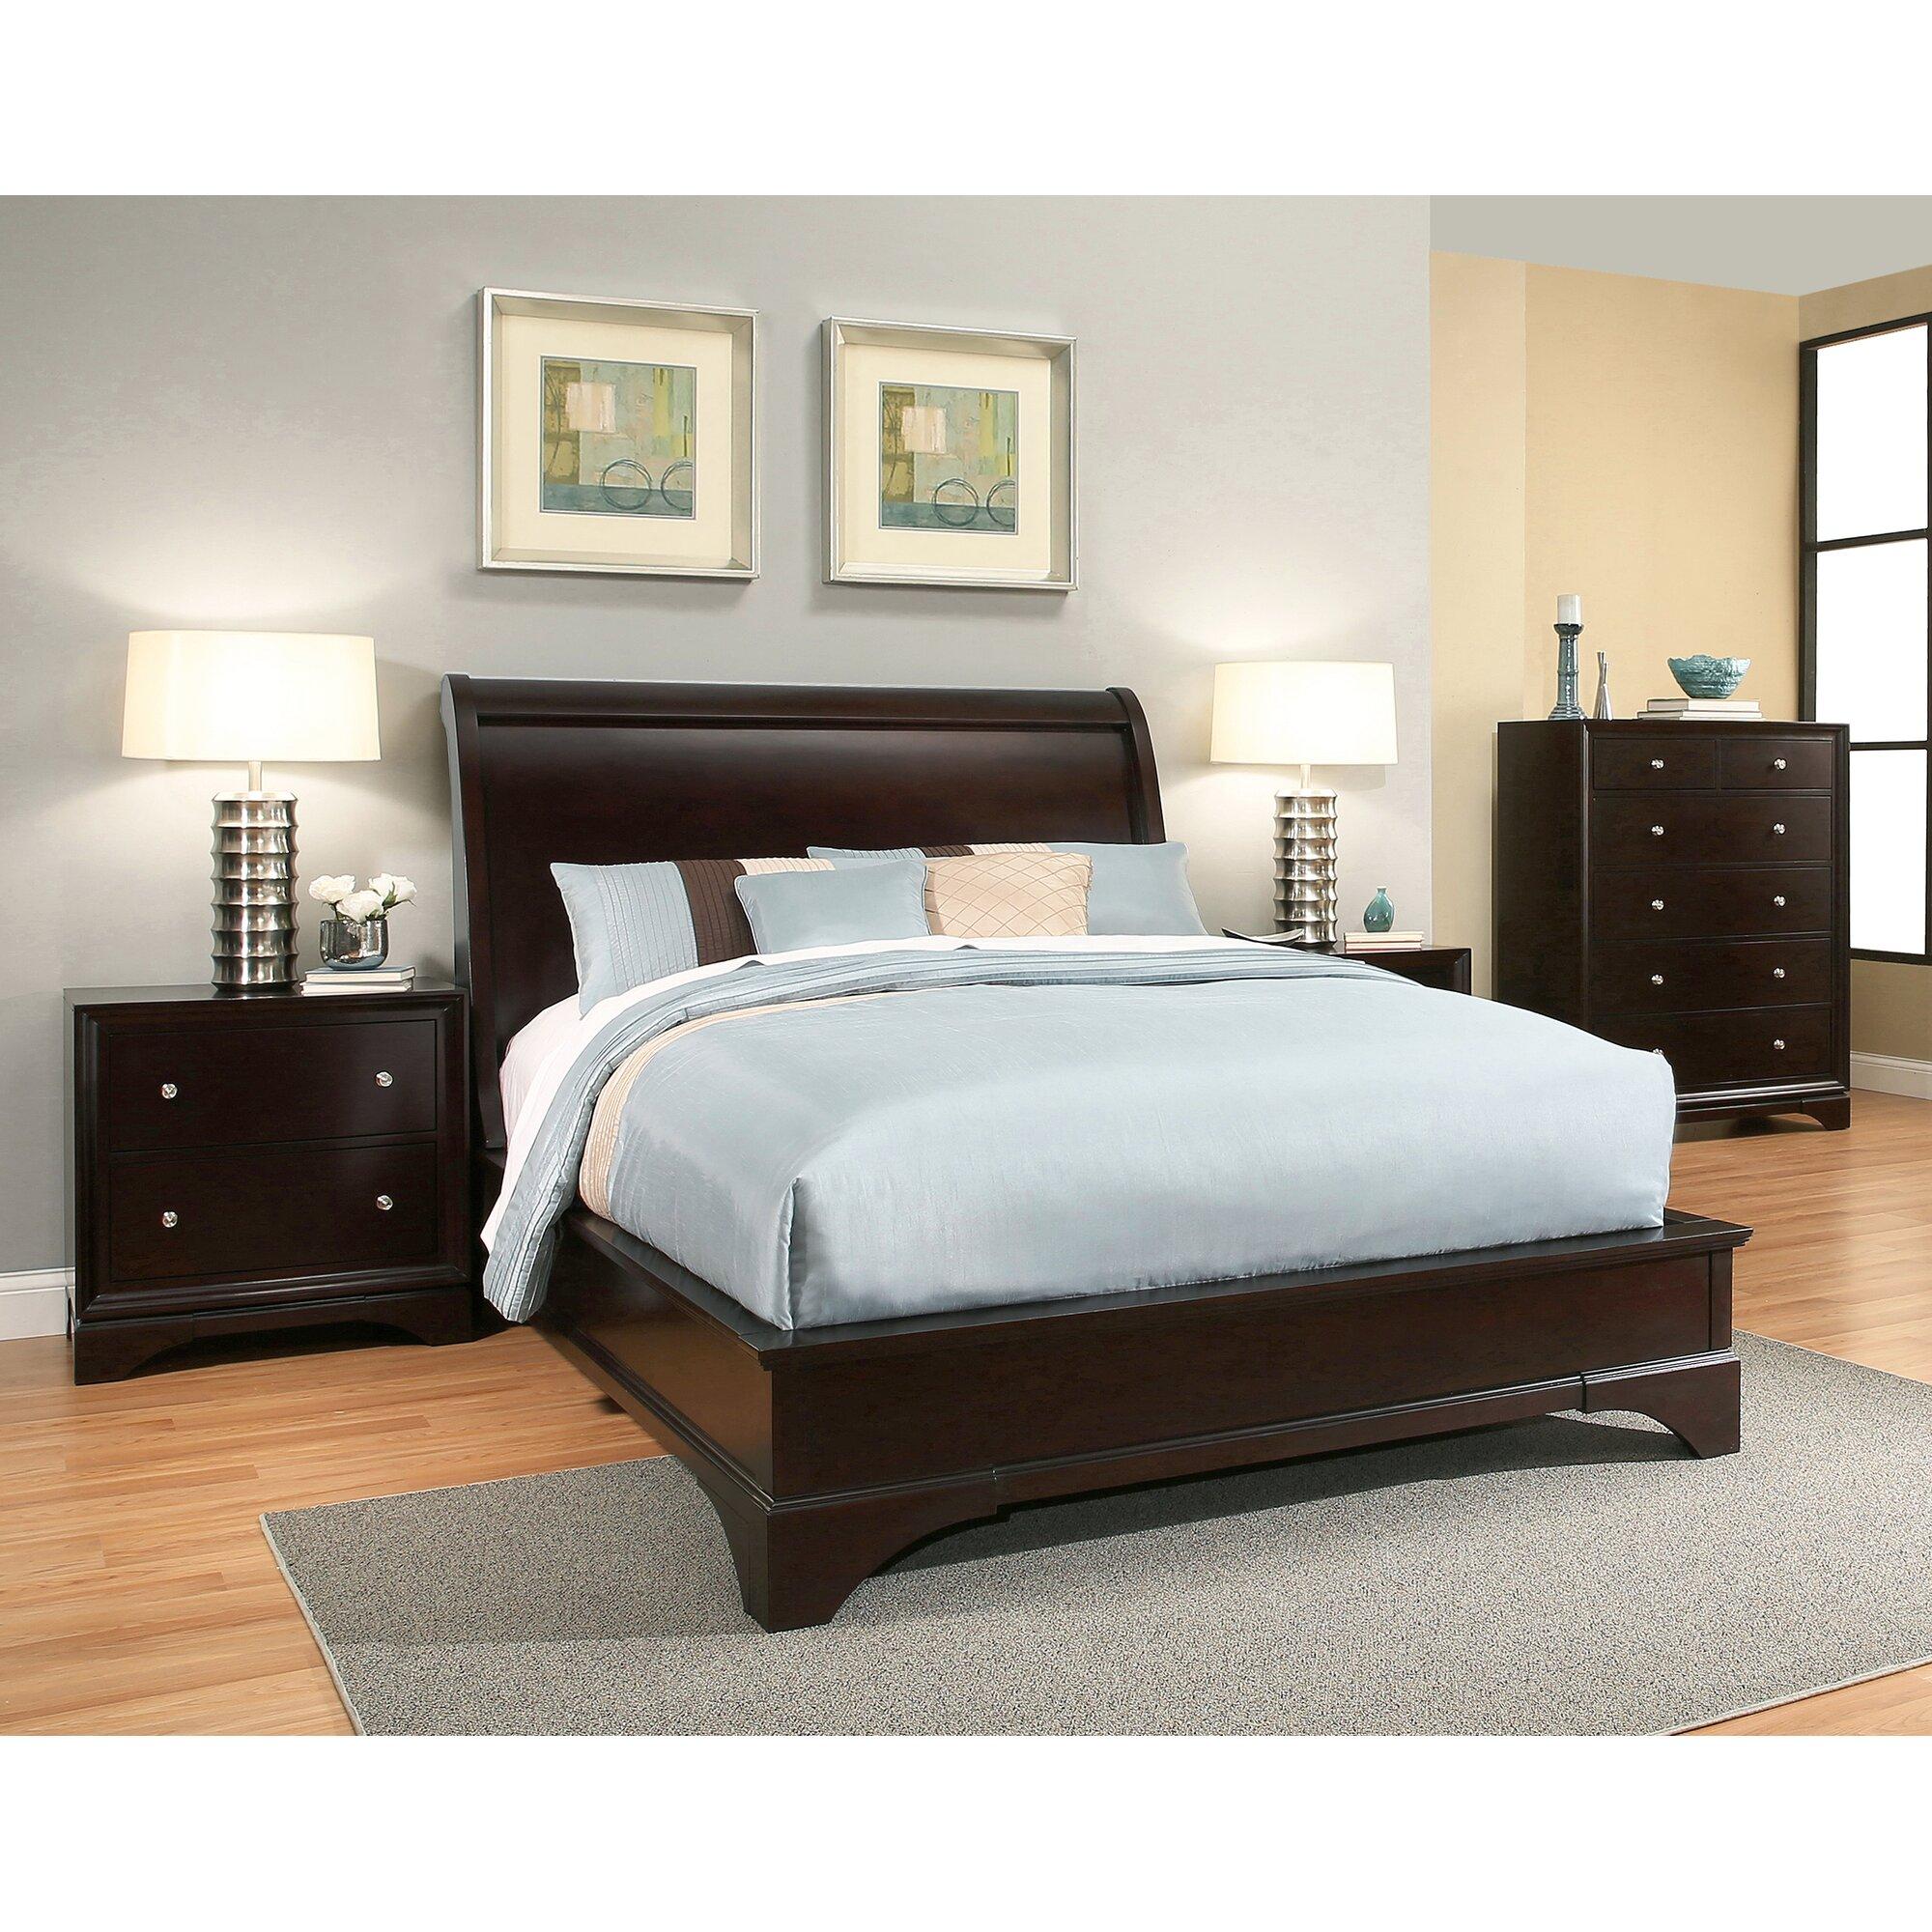 Latitude run juliana sleigh 4 piece bedroom set for 4 piece bedroom furniture set